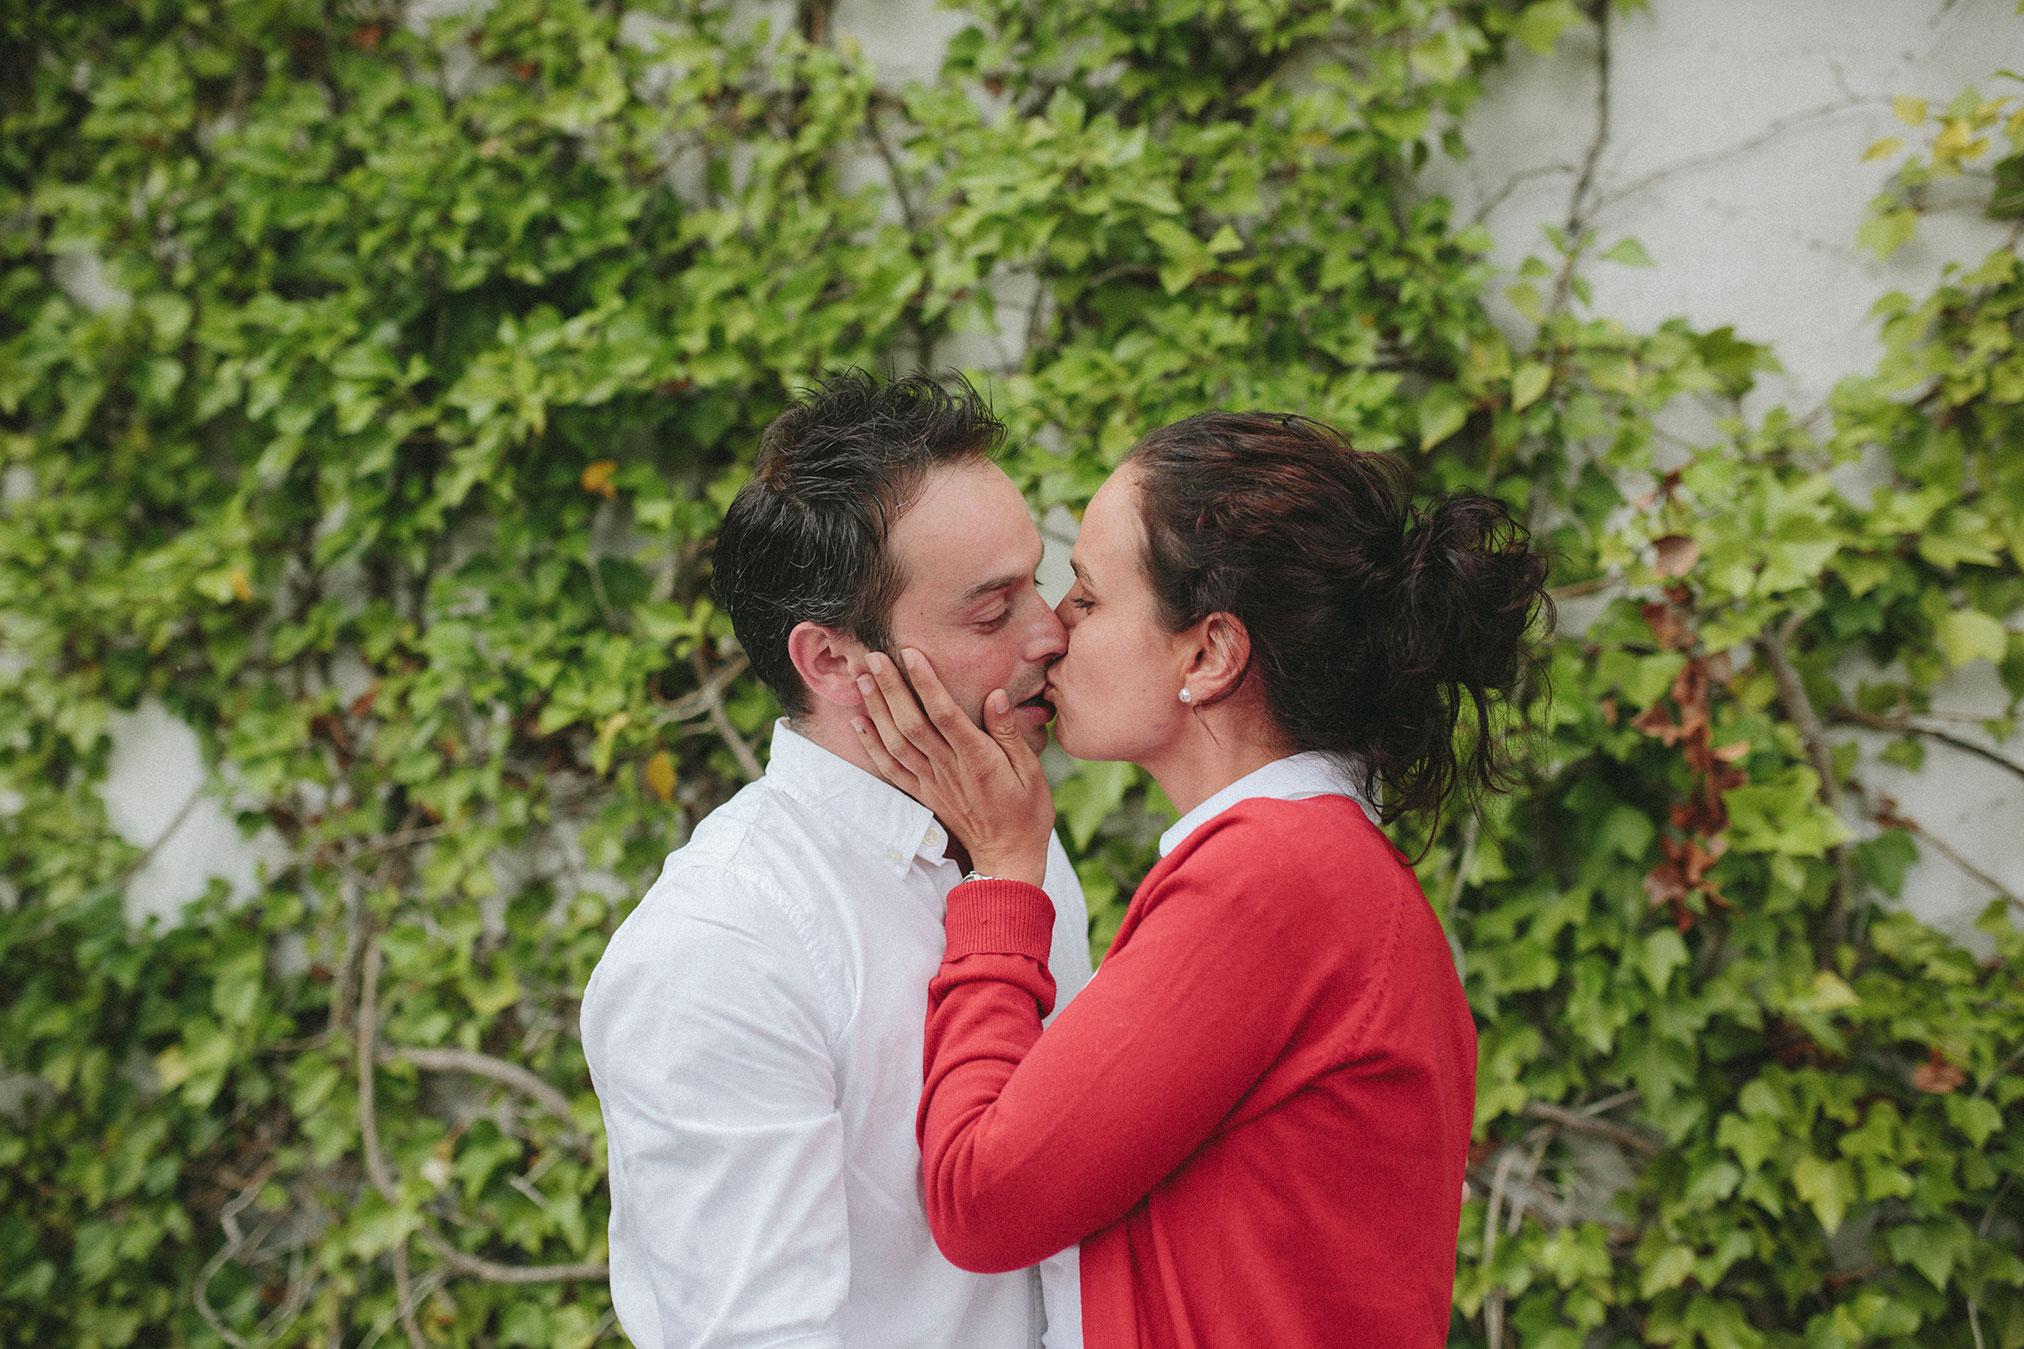 Couple Photographer Graciela Vilagudin Dublin Galicia 1389.jpg